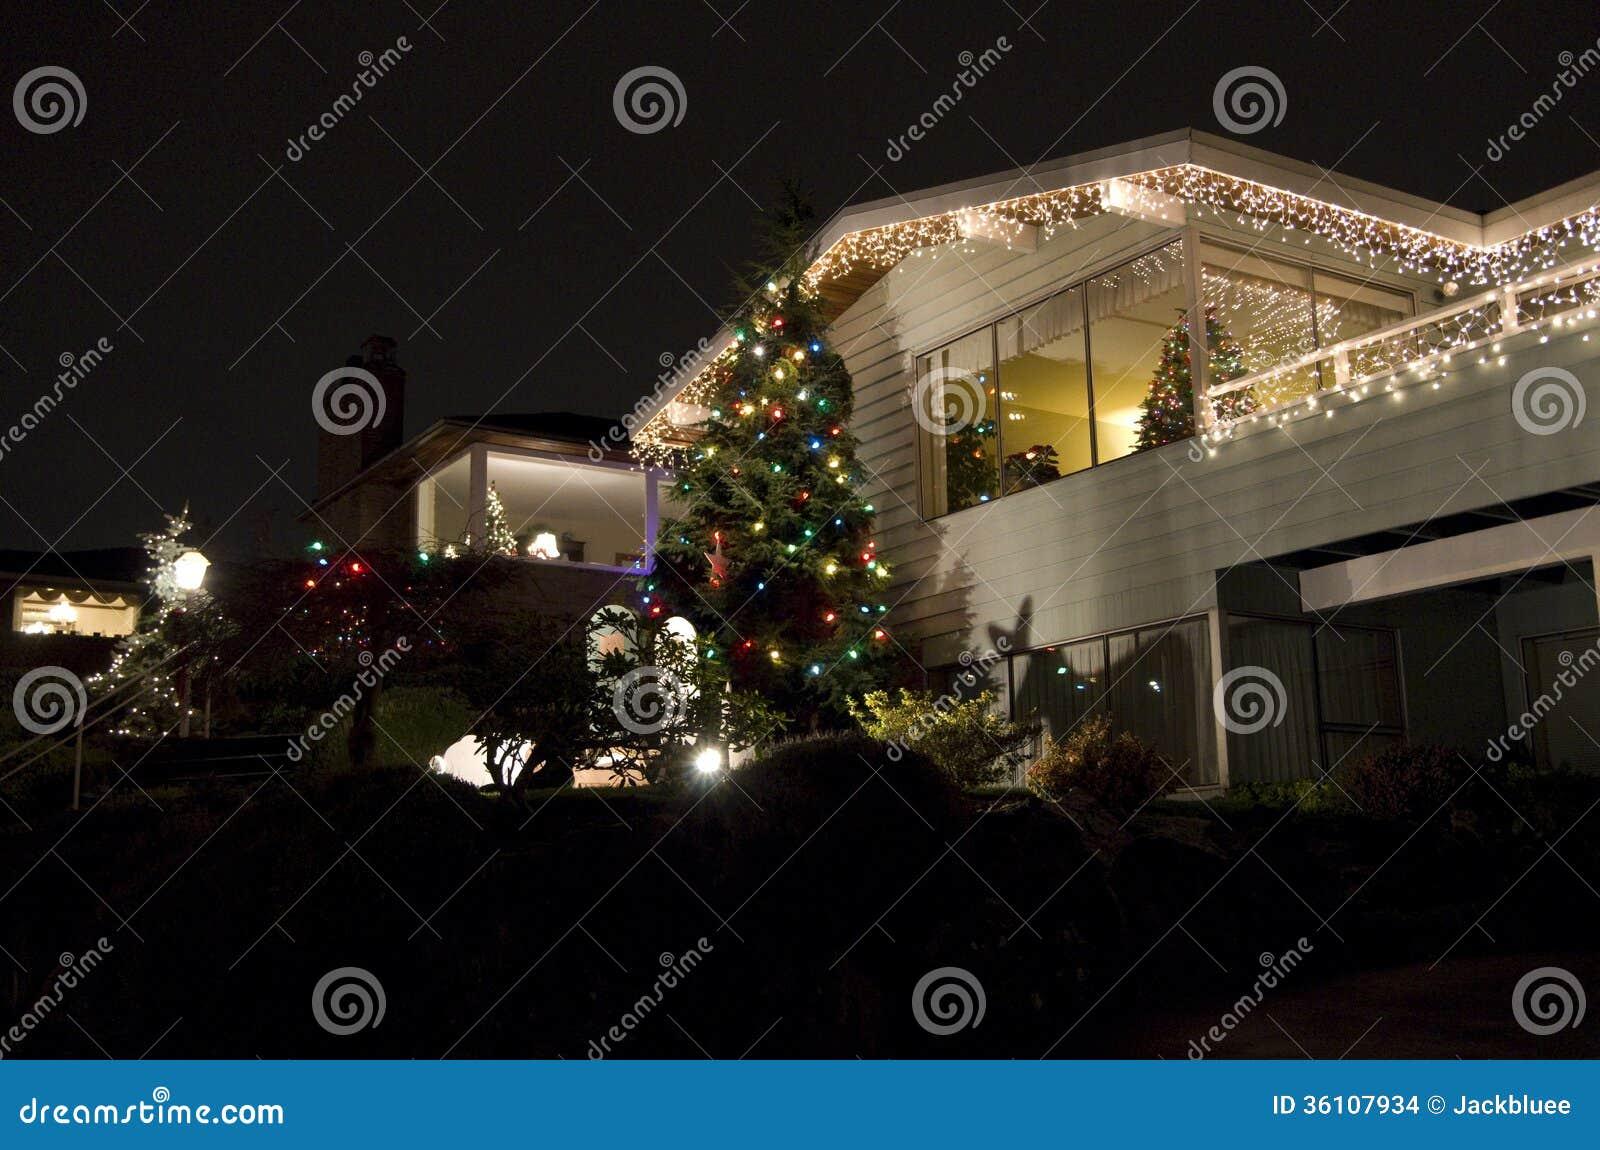 Seattle neighborhood Christmas lights house